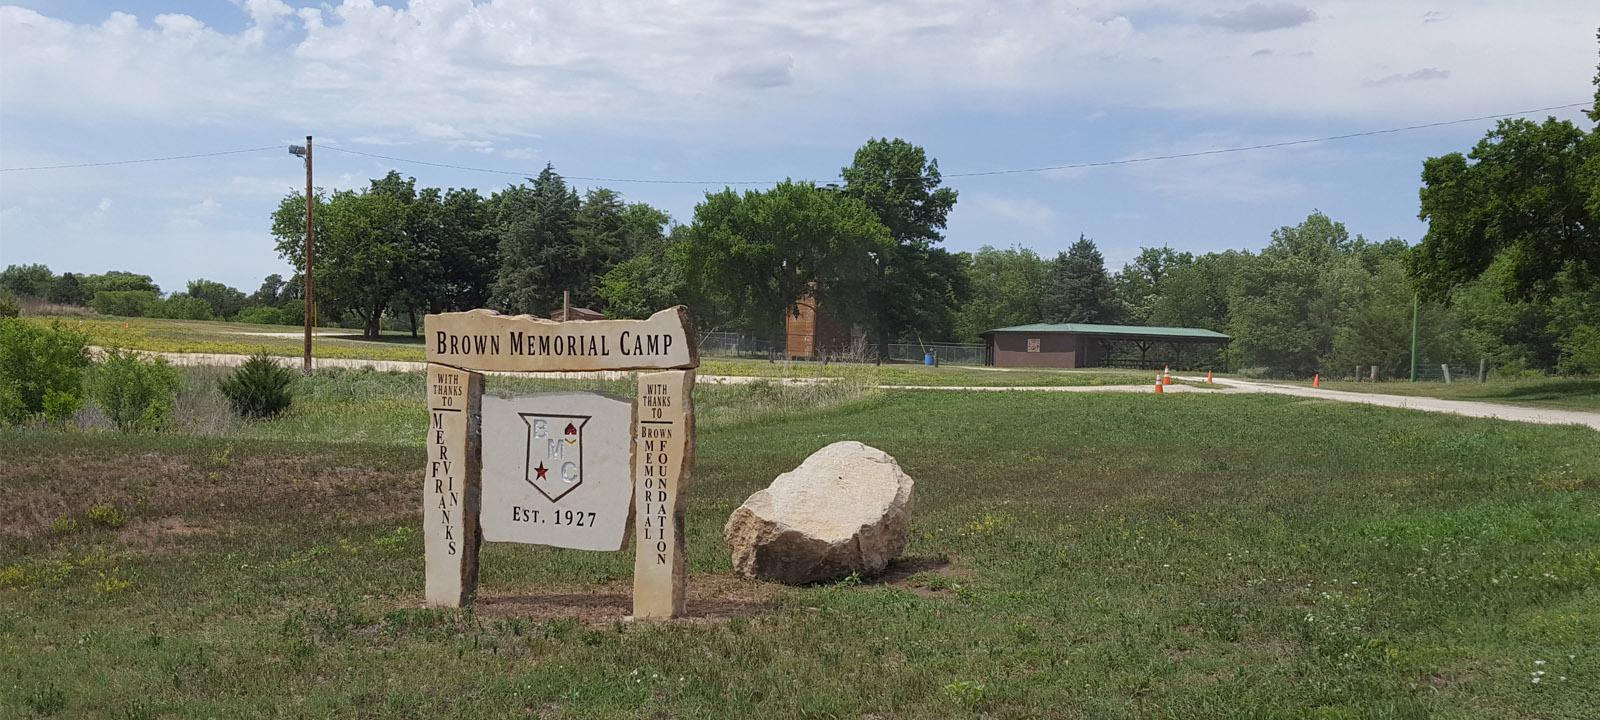 Brown Memorial Camp